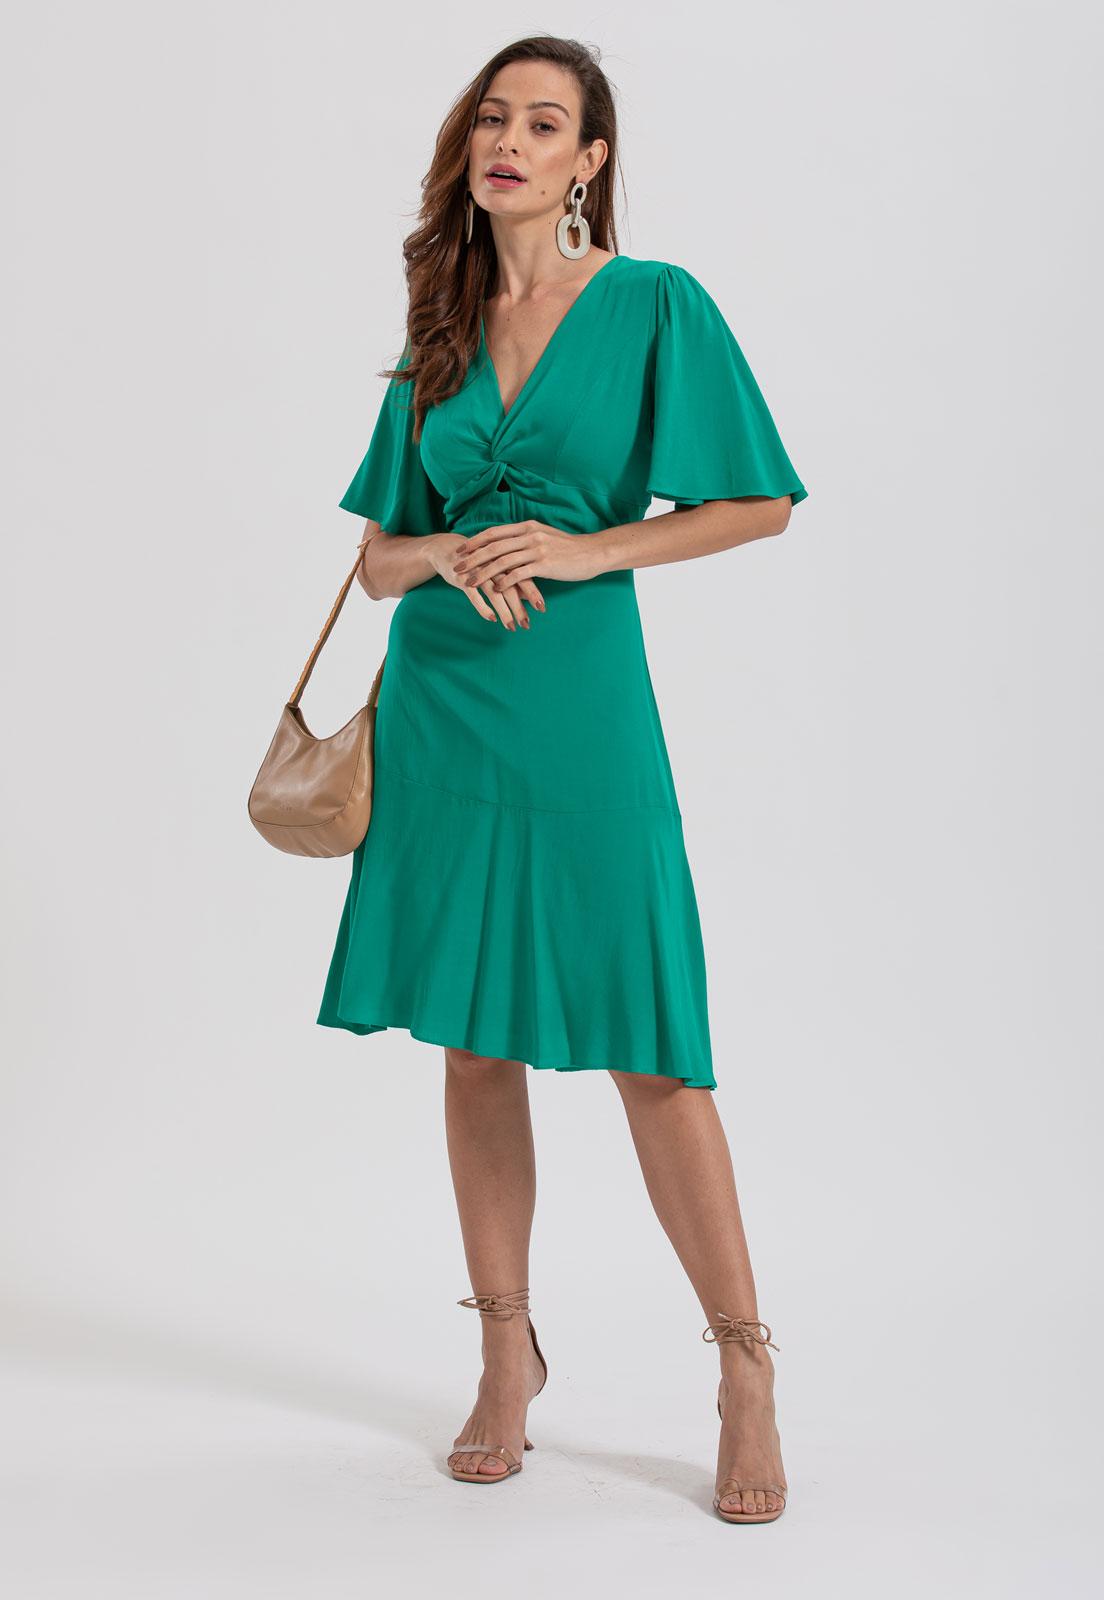 Vestido curto verde Ref. 2645